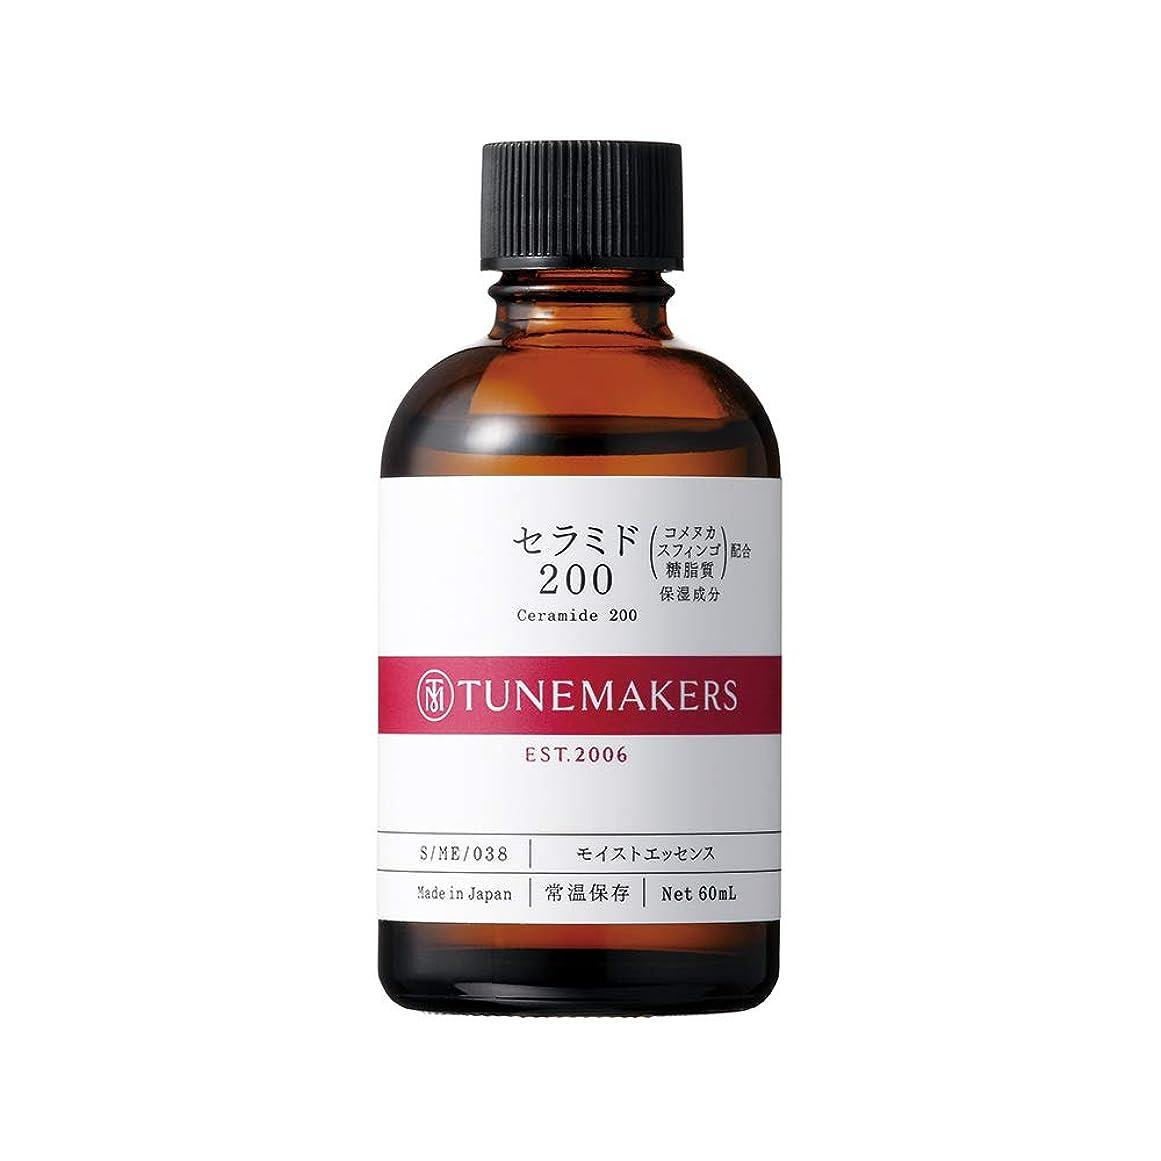 腸小道具口ひげTUNEMAKERS(チューンメーカーズ) セラミド200 美容液 60ml